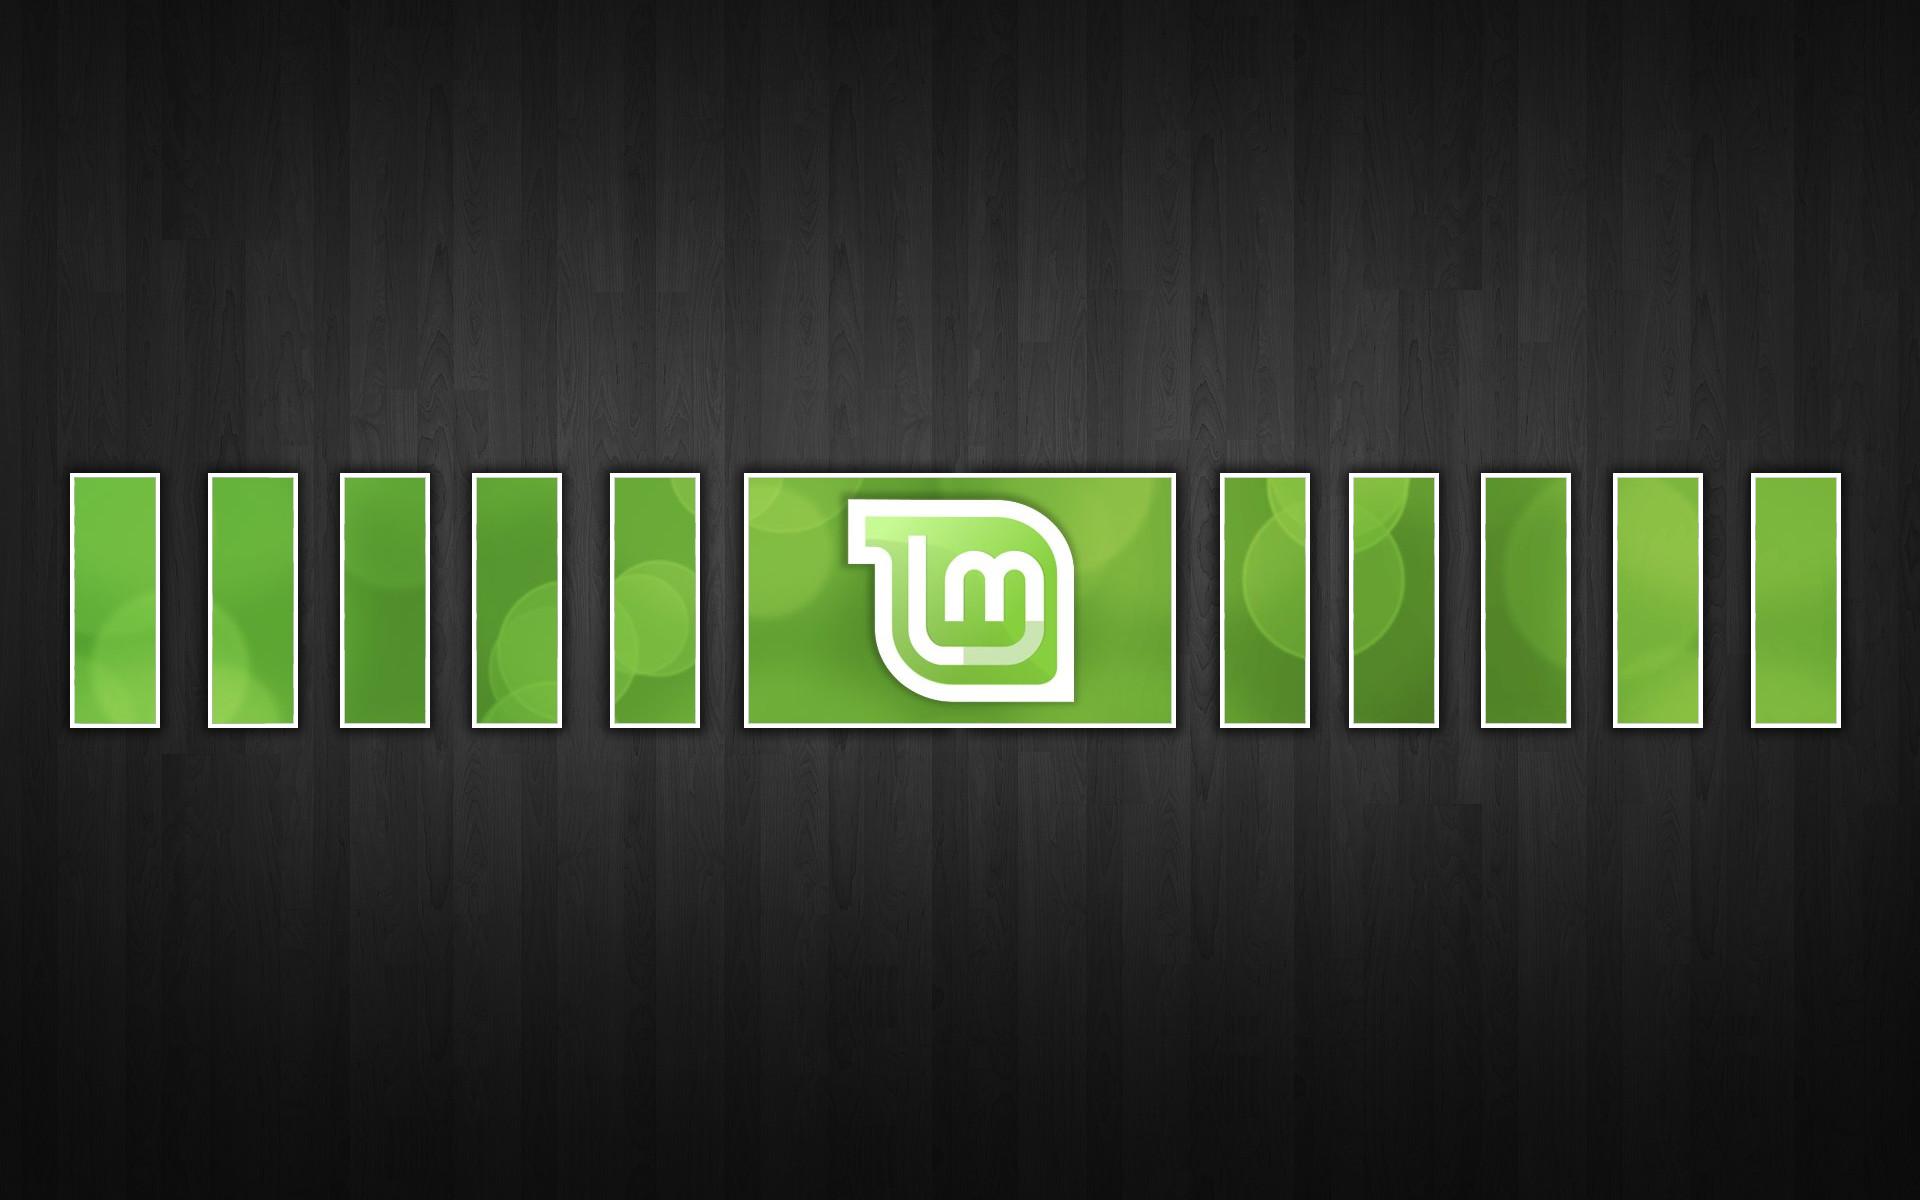 … linux mint wallpaper 4397 umad com …